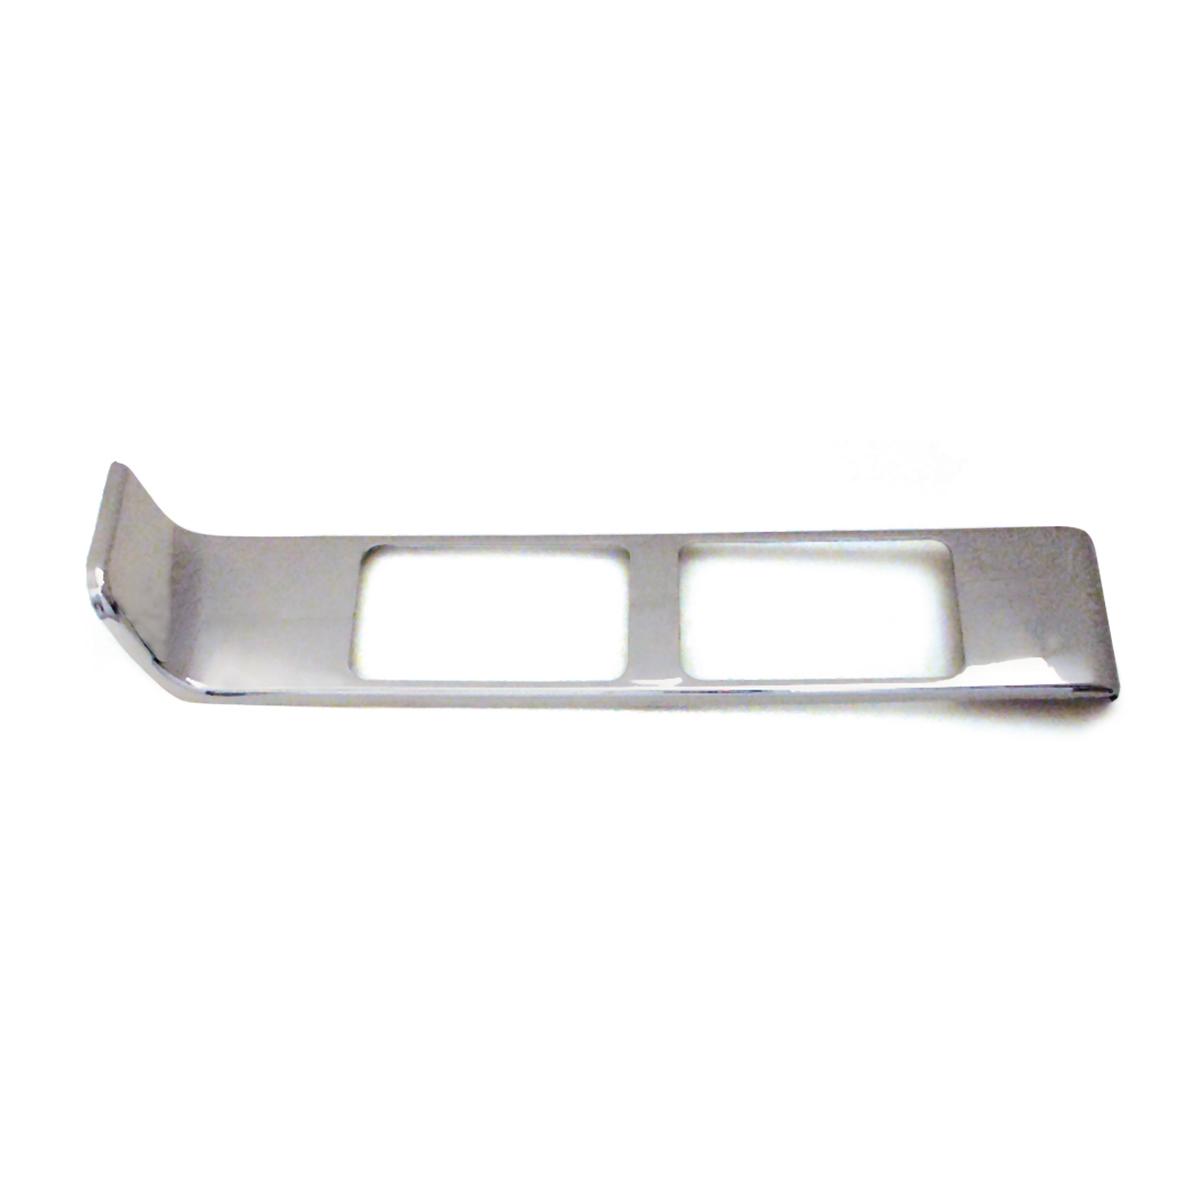 68336 Chrome Plastic Passenger Side Vent Register Cover for Peterbilt